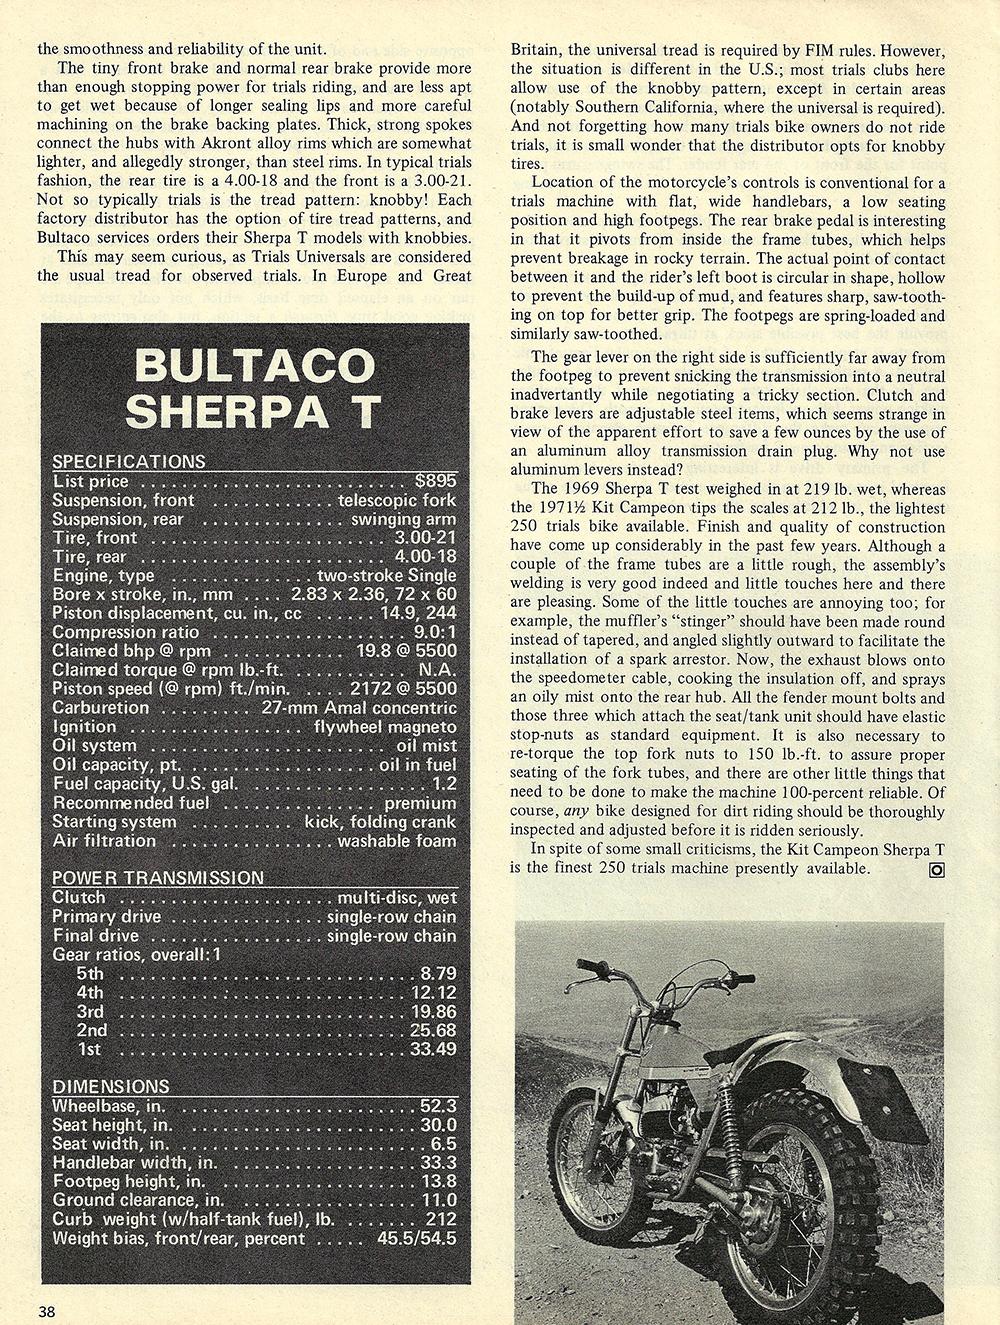 1971 Bultaco Sherpa T road test 03.jpg